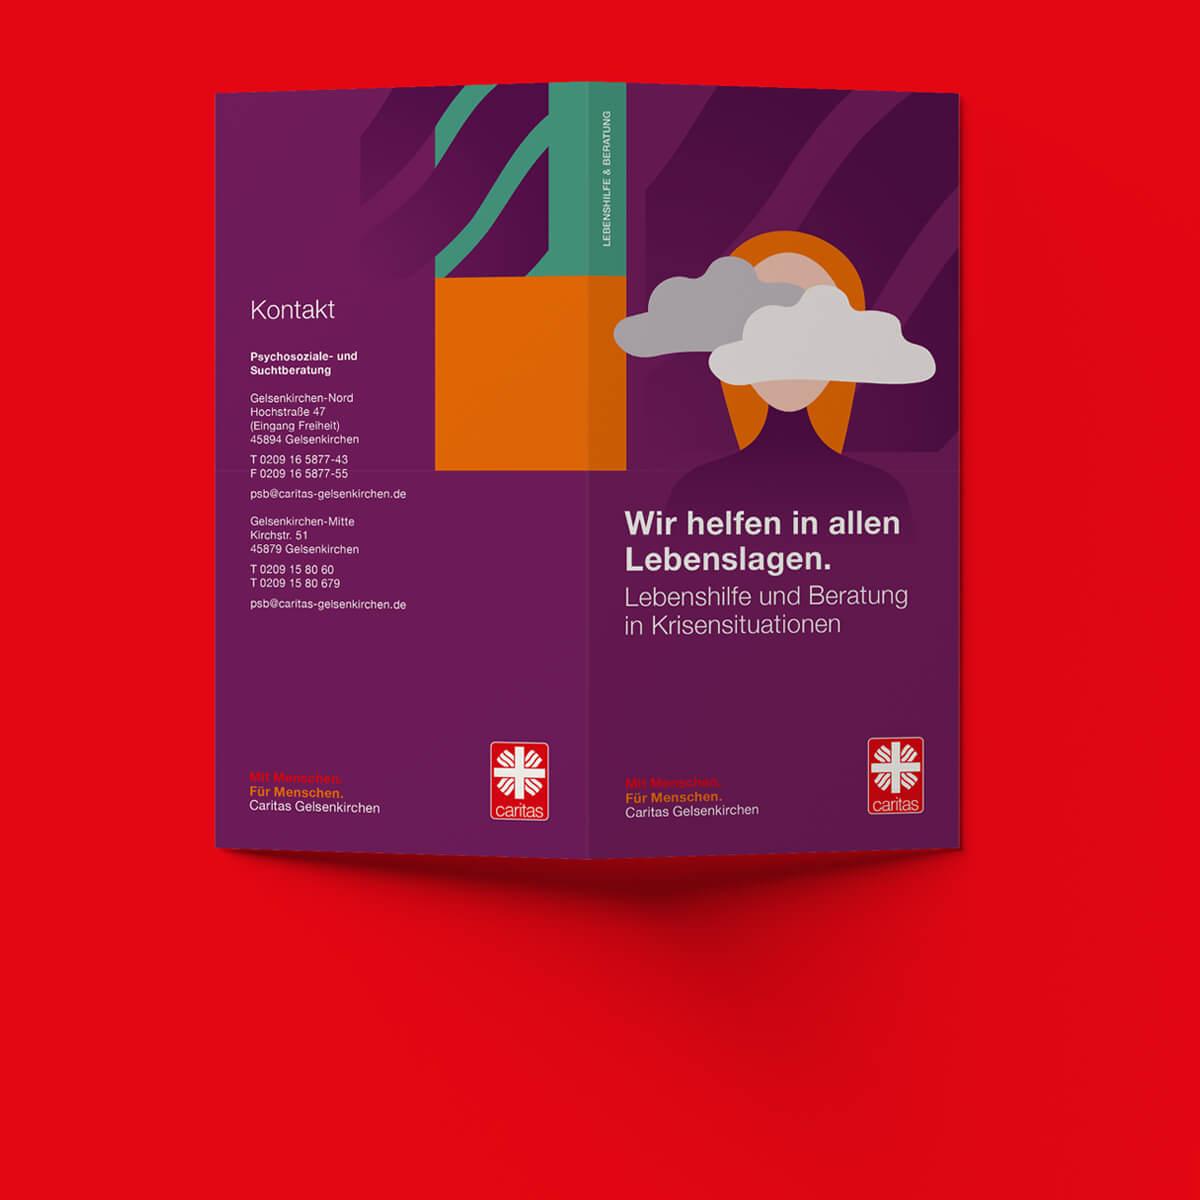 Corporate Design und Jubiläumslogo für den Caritasverband Gelsenkirchen